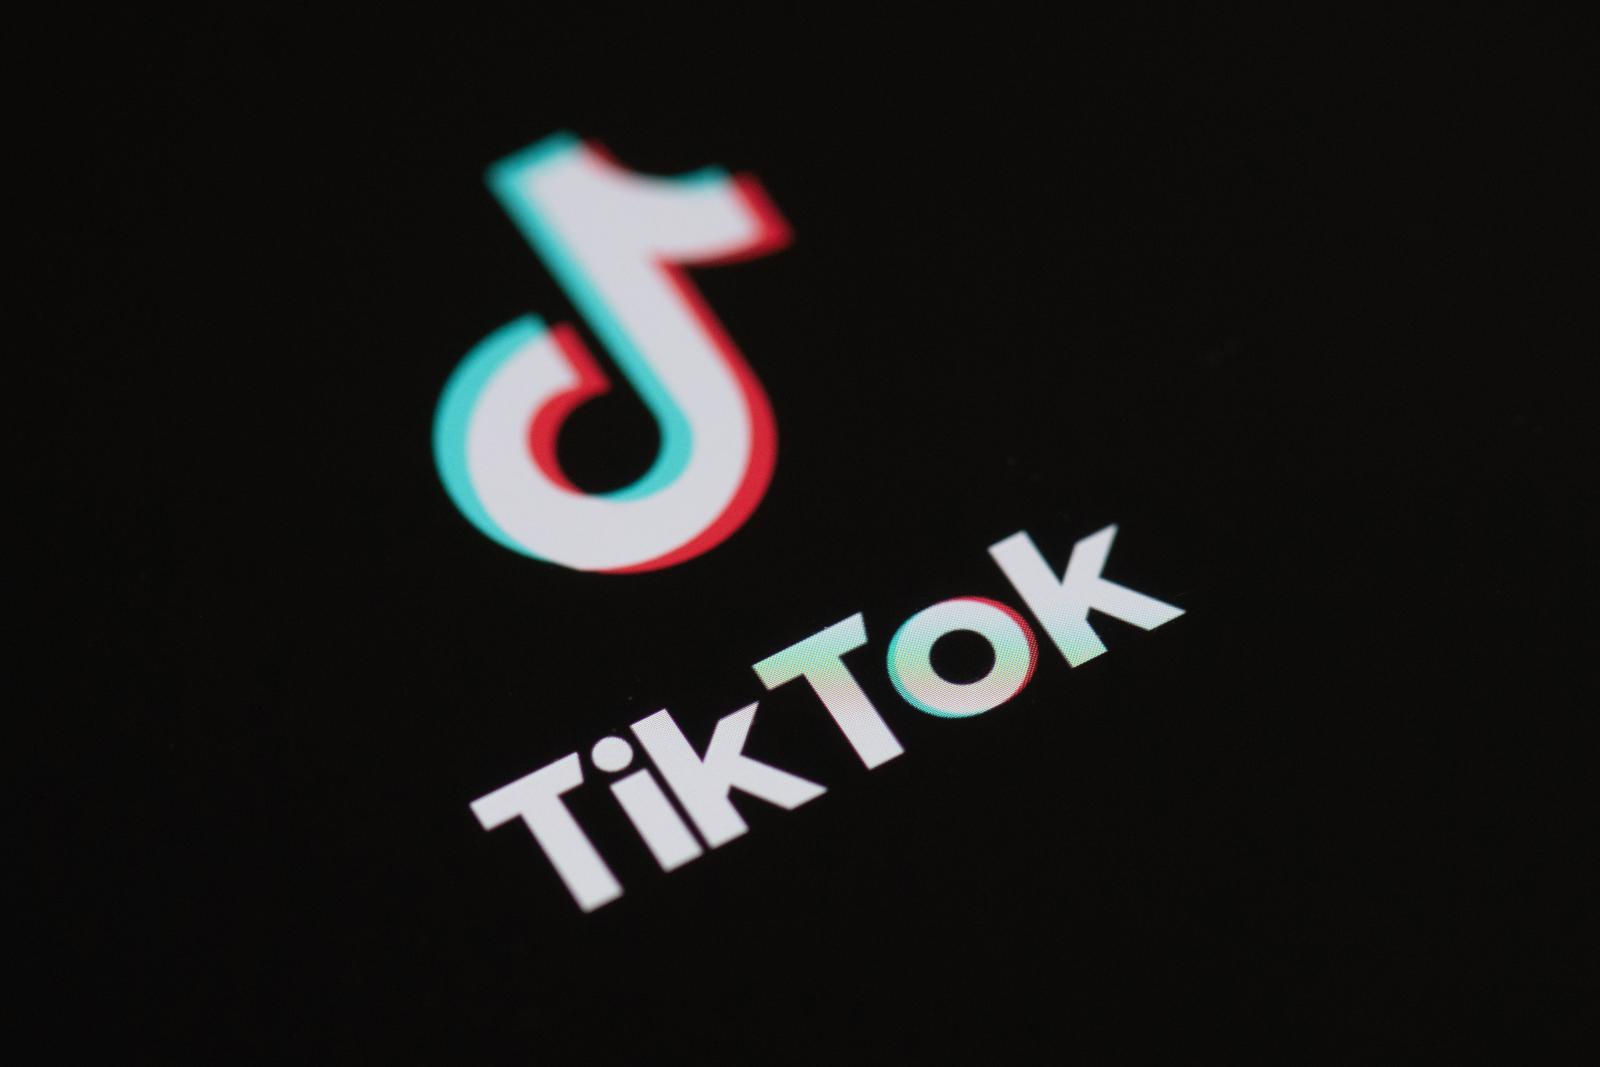 """หลายประเทศเล็งแบน """"TikTok"""" หวั่นข้อมูลประชาชนรั่วไหลและเป็นภัยความมั่นคง"""